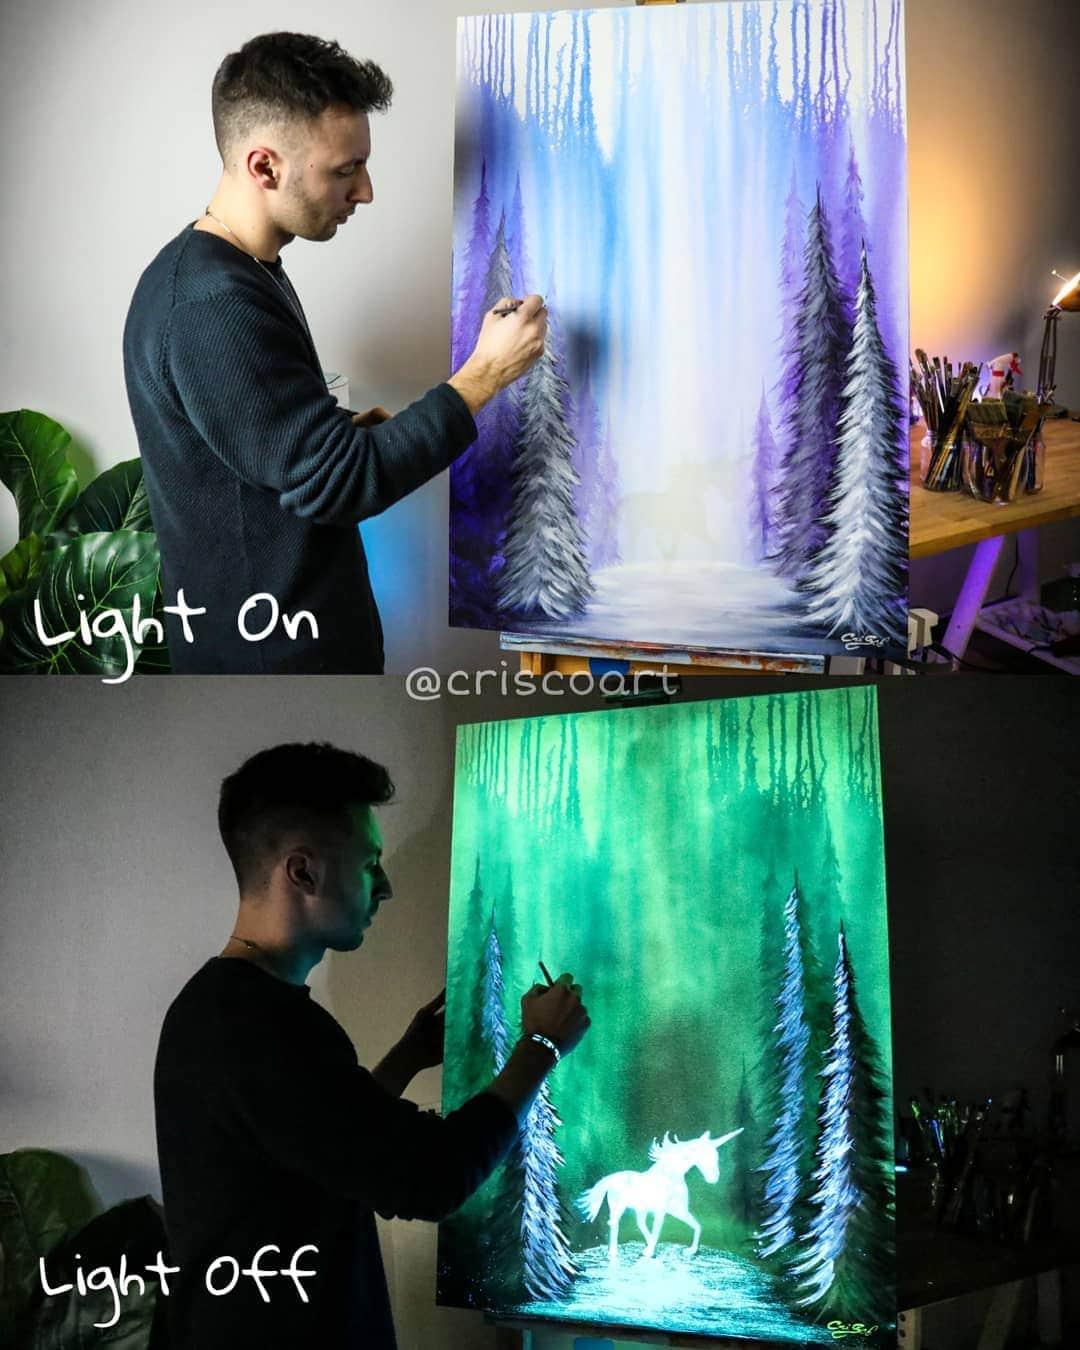 1566887365 c30527f459548837dcd942b55868f329 - 20 рисунков итальянского художника, которые оживают, когда выключается свет